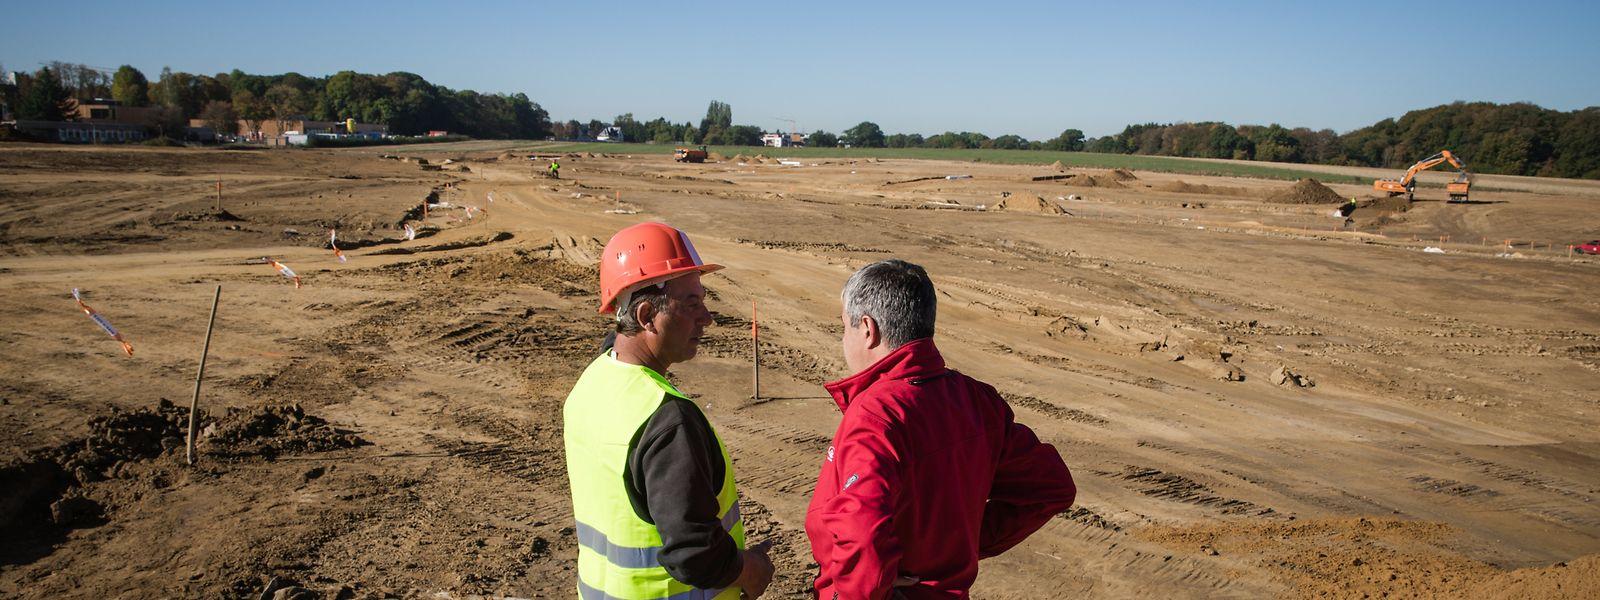 Auf 27 Hektar Land nahe Olm entstehen in den kommenden Jahren rund 750 Wohnungen. Dies in drei Siedlungen, die gemeinsam die neue Ortschaft Elmen bilden werden.